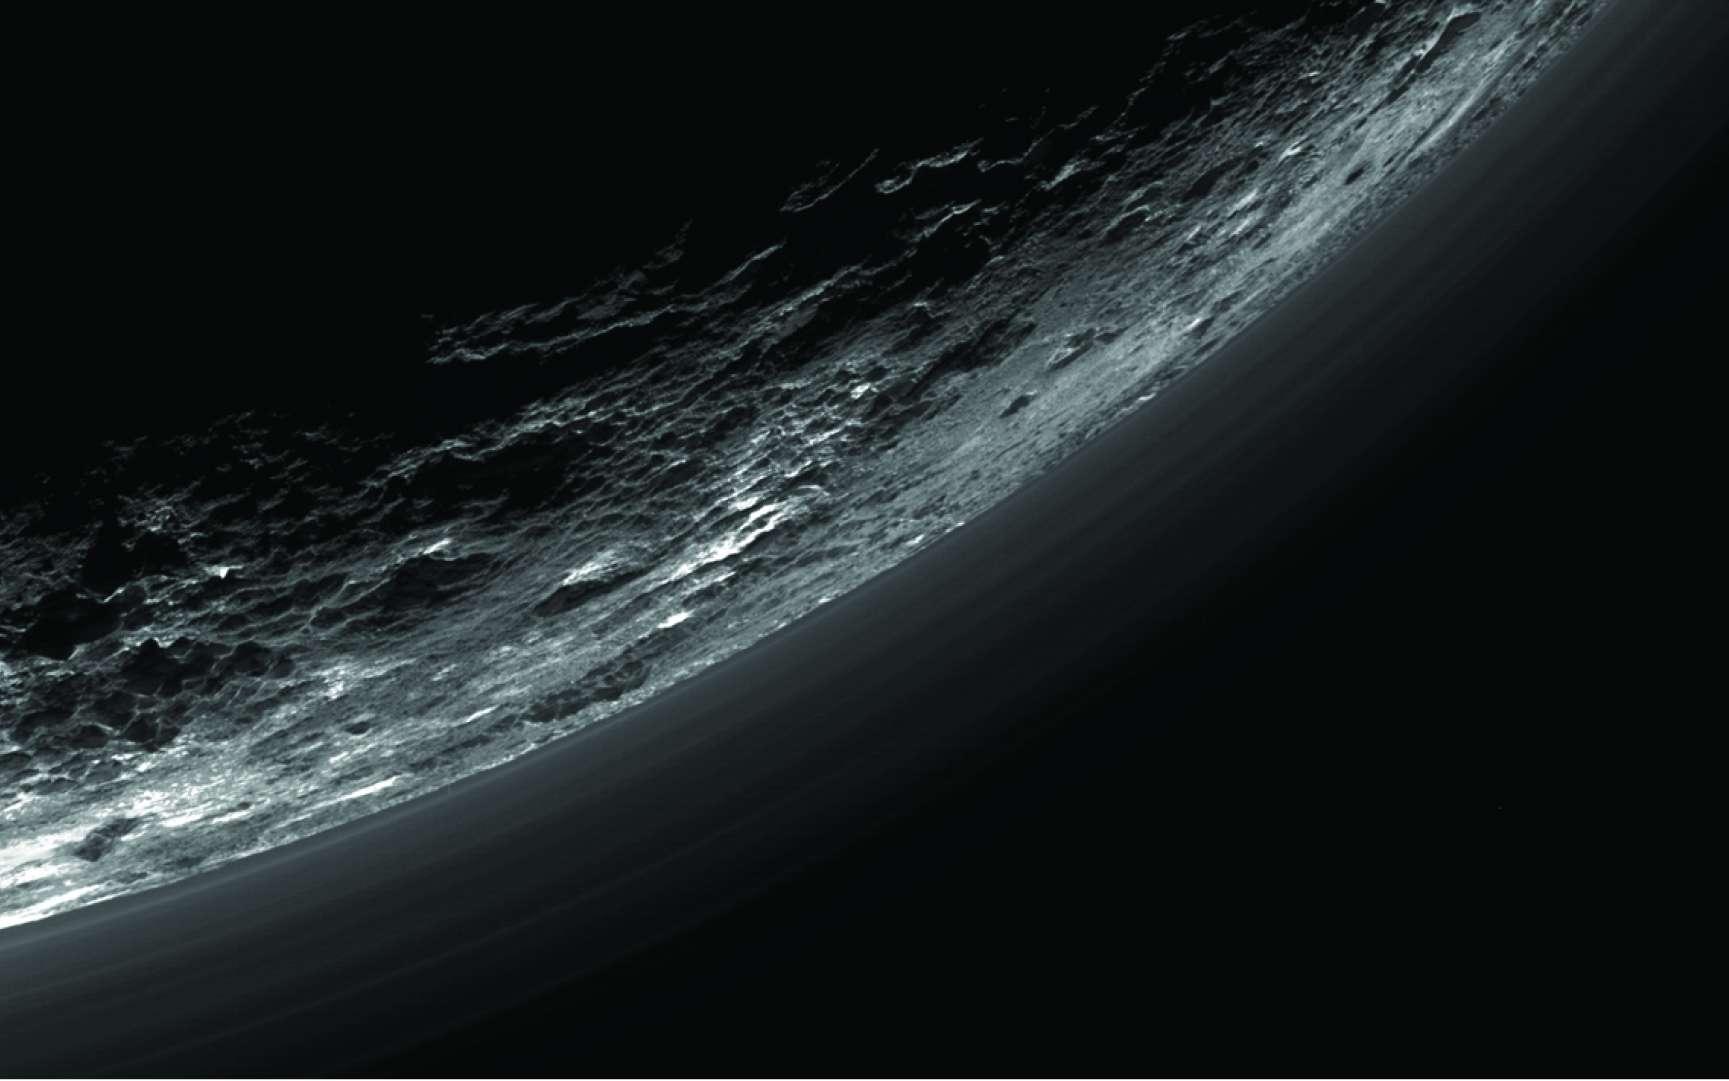 Environ 20 couches de brumes se superposent dans l'atmosphère et toutes ne sont pas parallèles, a relevé l'équipe (regardez celle tout en bas à gauche : elle se rapproche de plus en plus de la surface). Le cliché du limbe de Pluton a été réalisé avec l'instrument Ralph/MVIC (Multispectral Visible Imaging Camera) de la sonde New Horizons, lors du survol inédit du 14 juillet 2015. © Nasa, JHUAPL, SwRI